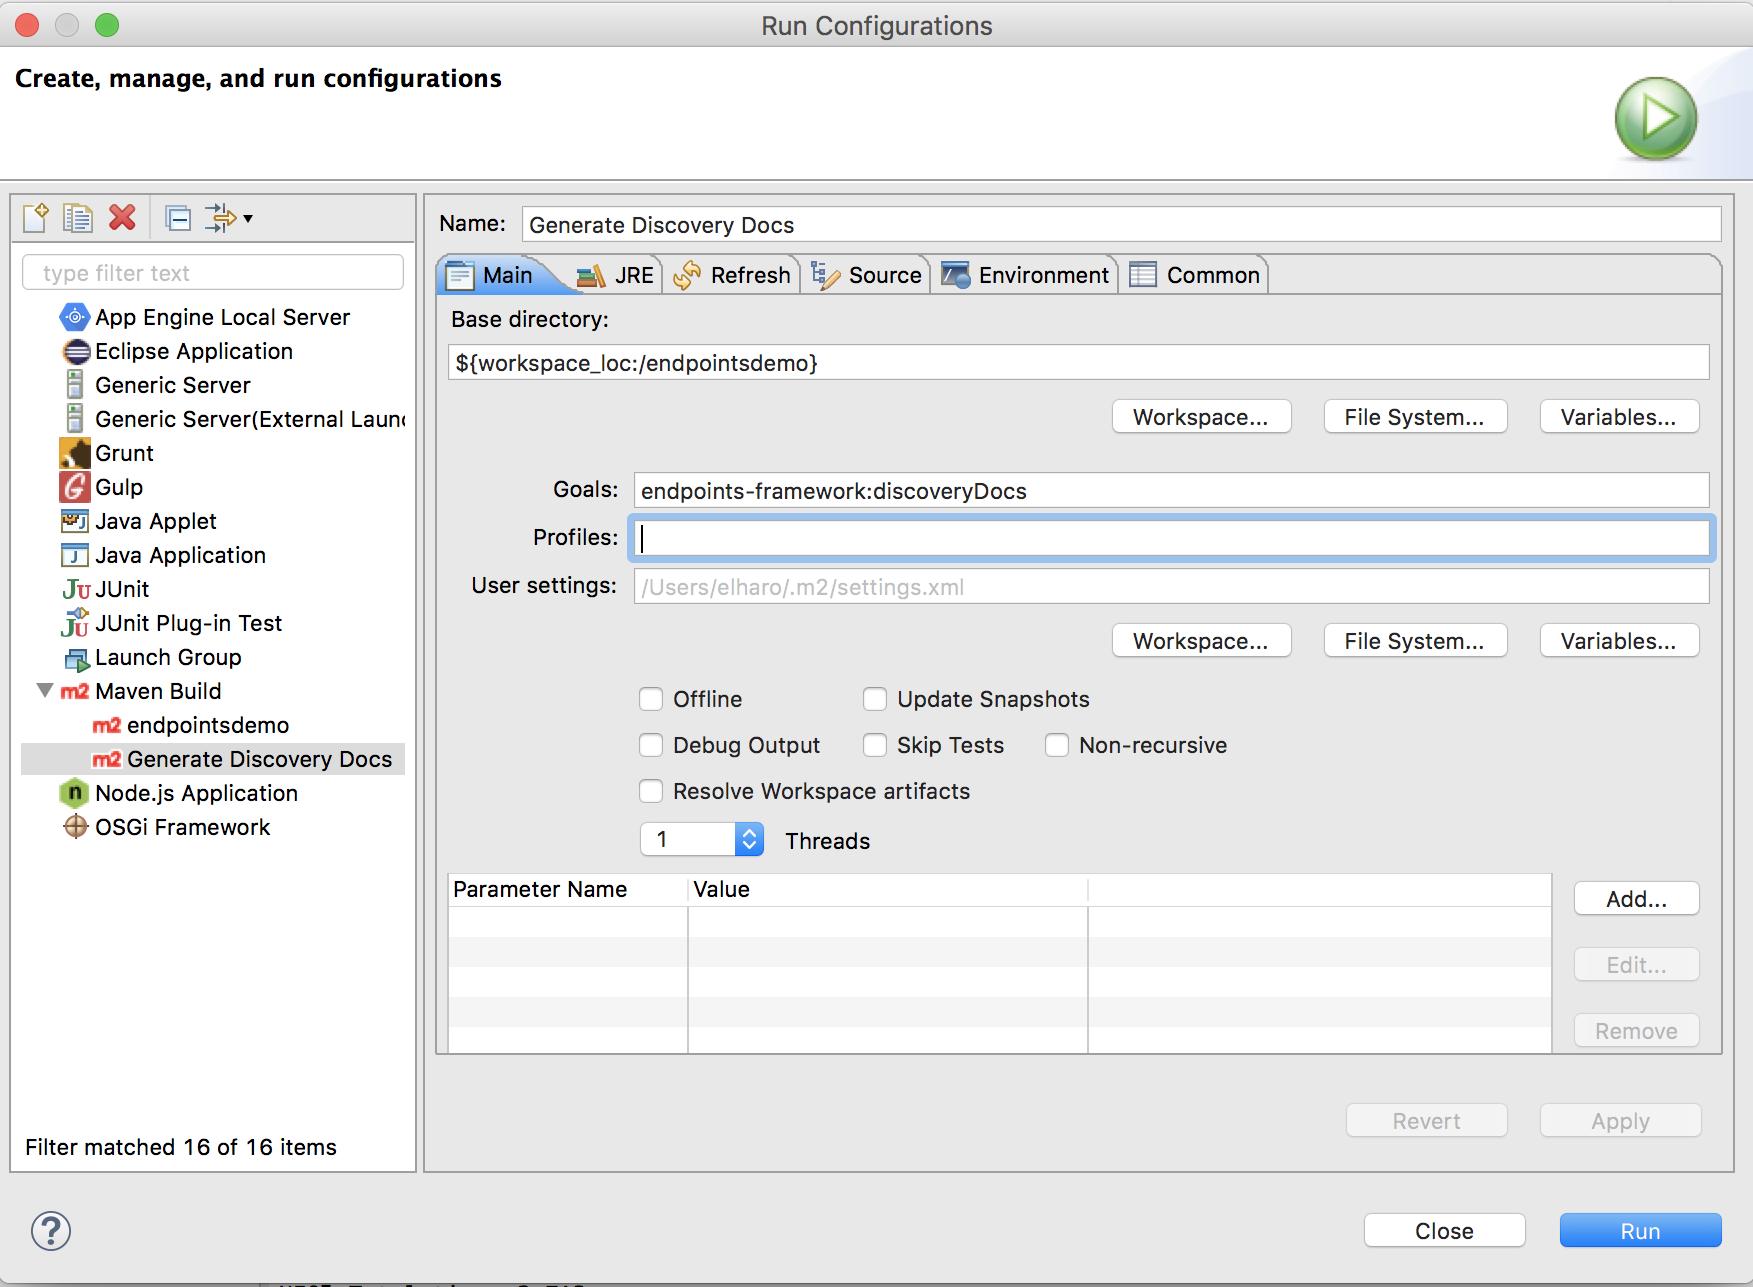 Configuração do Eclipse Maven Build